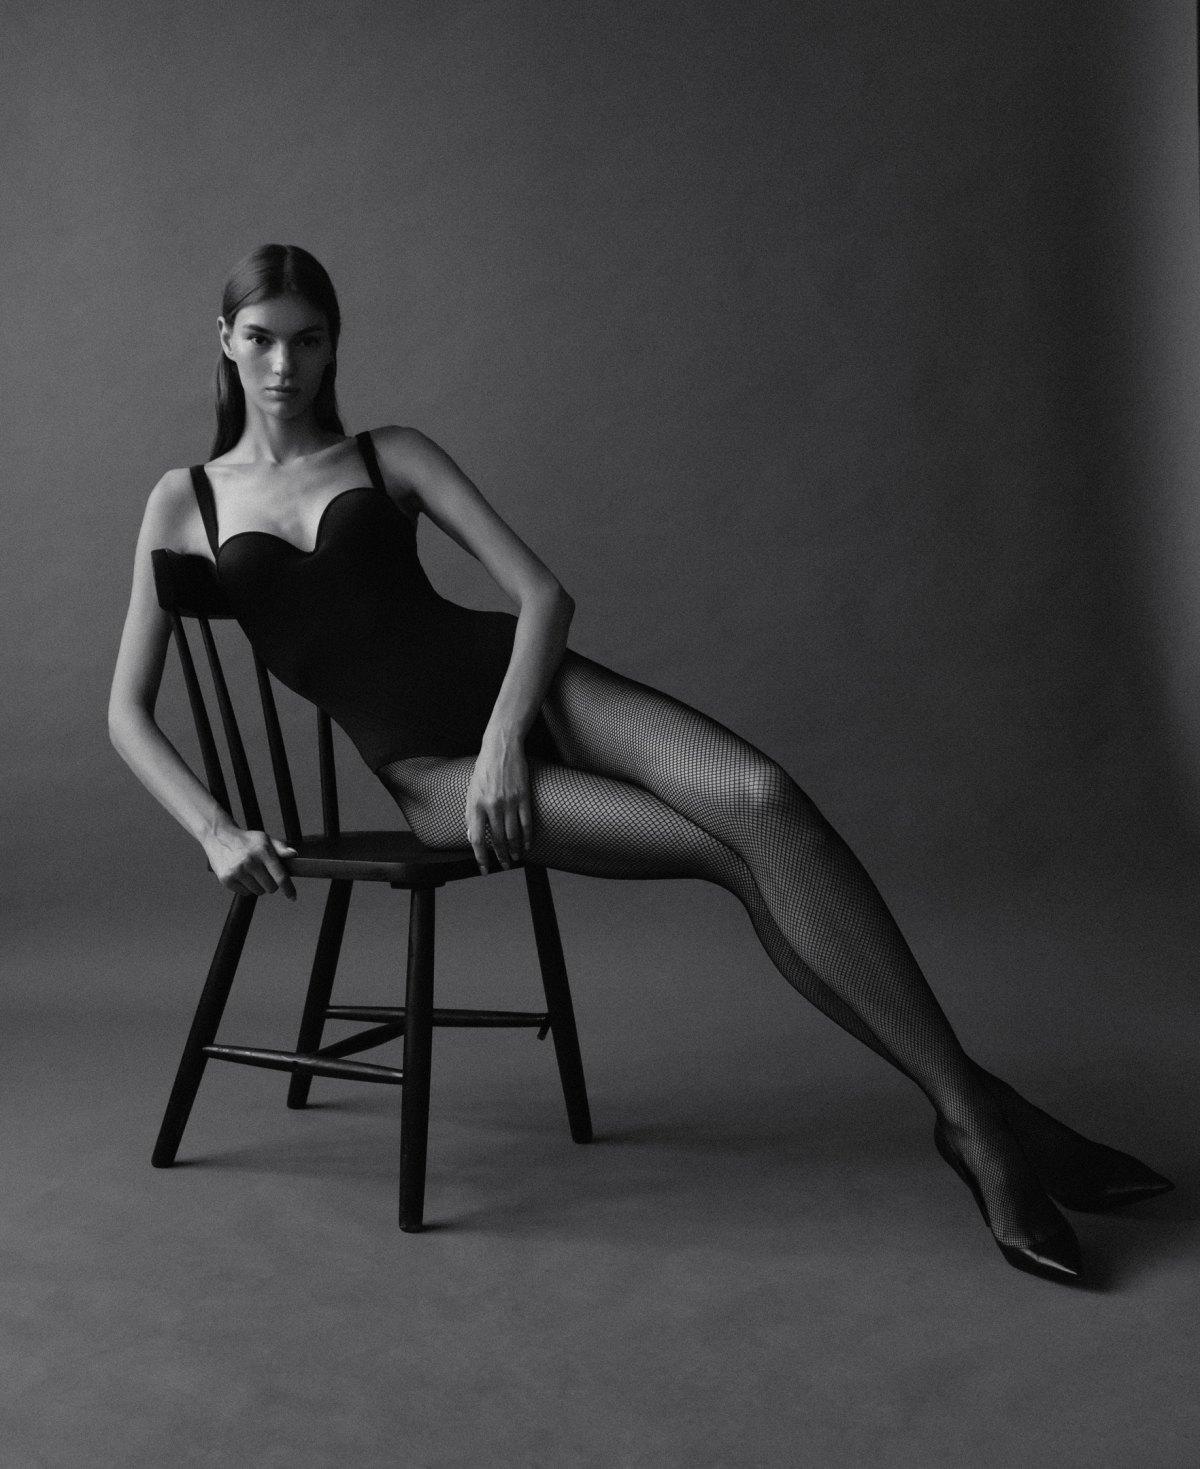 Natalia Sirotina by Igor Vavilov